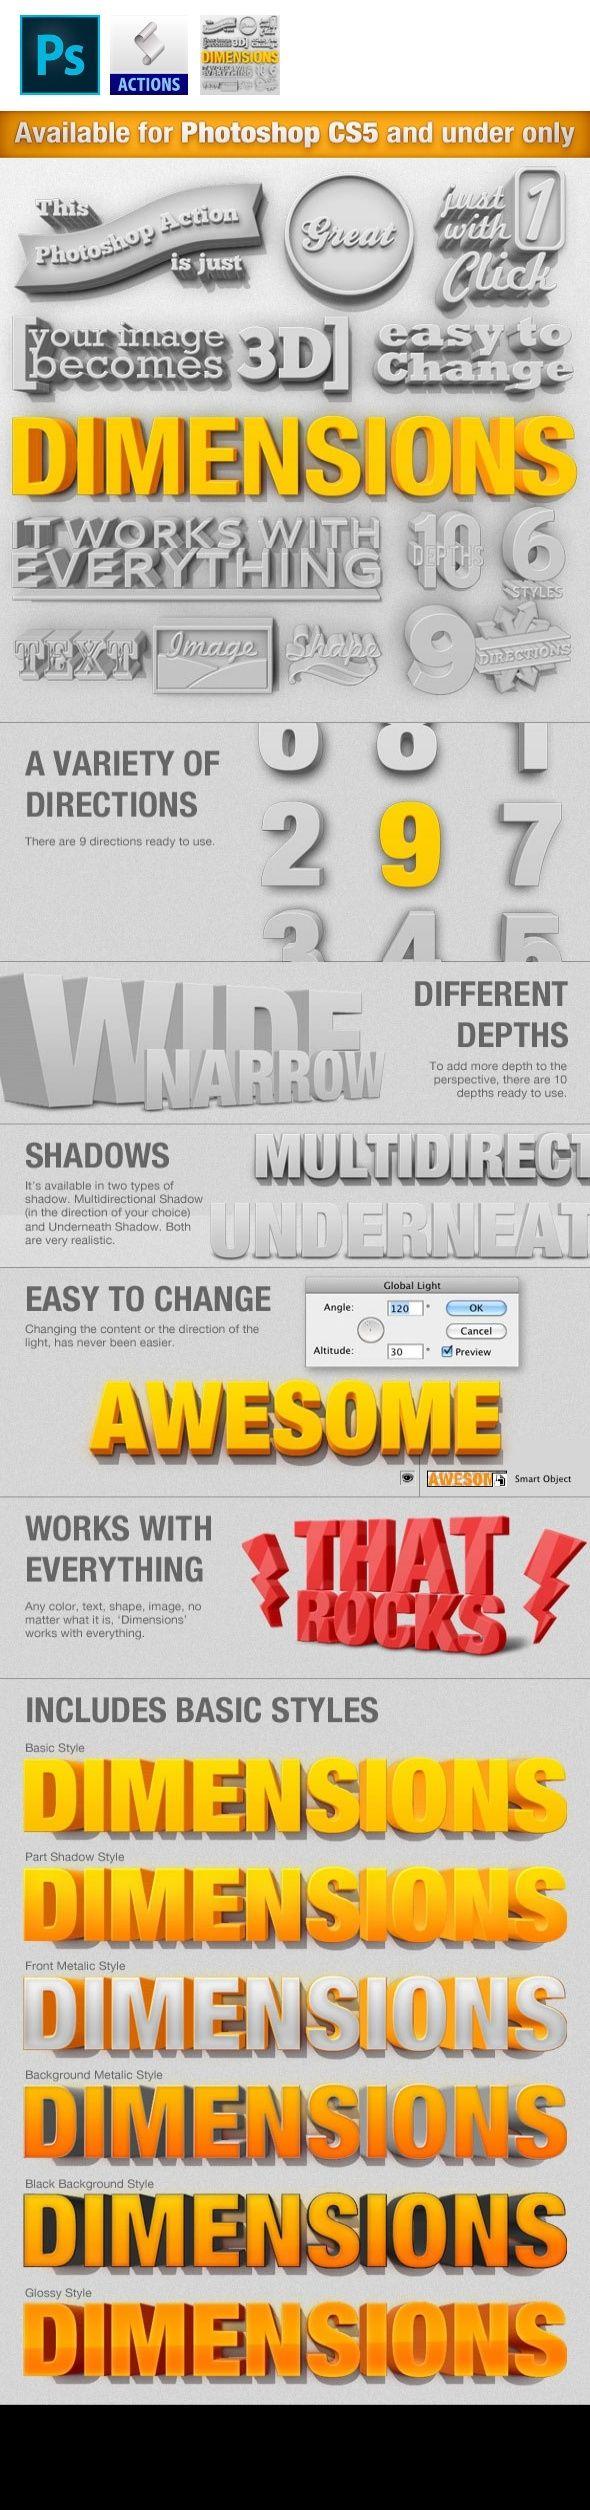 3d, 3d action, 3d generator, 3d layer, 3d shape, 3d text